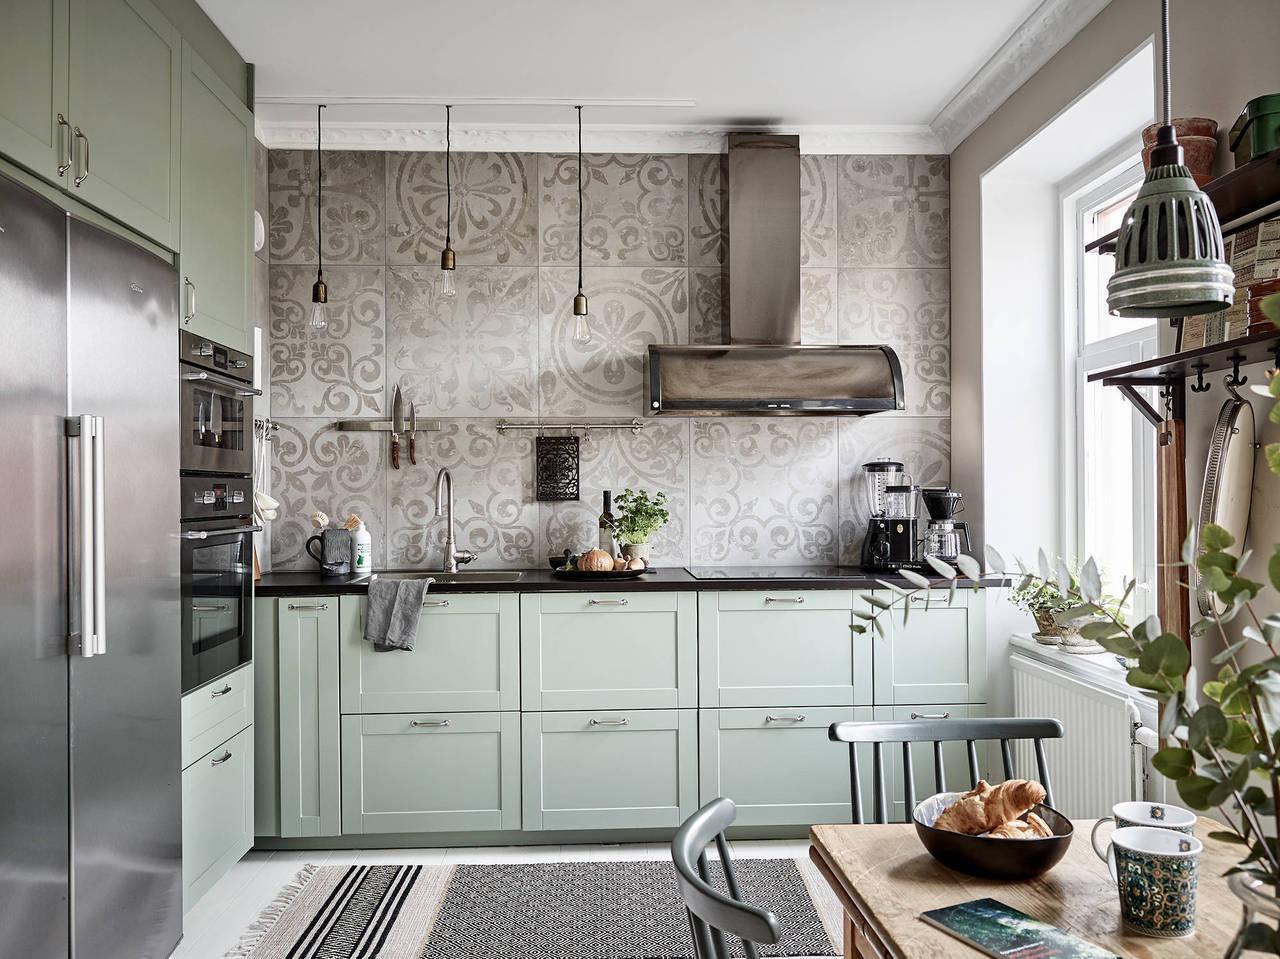 Coprire Piastrelle Cucina Con Pannelli paraschizzi cucina: 60 idee per la tua cucina moderna